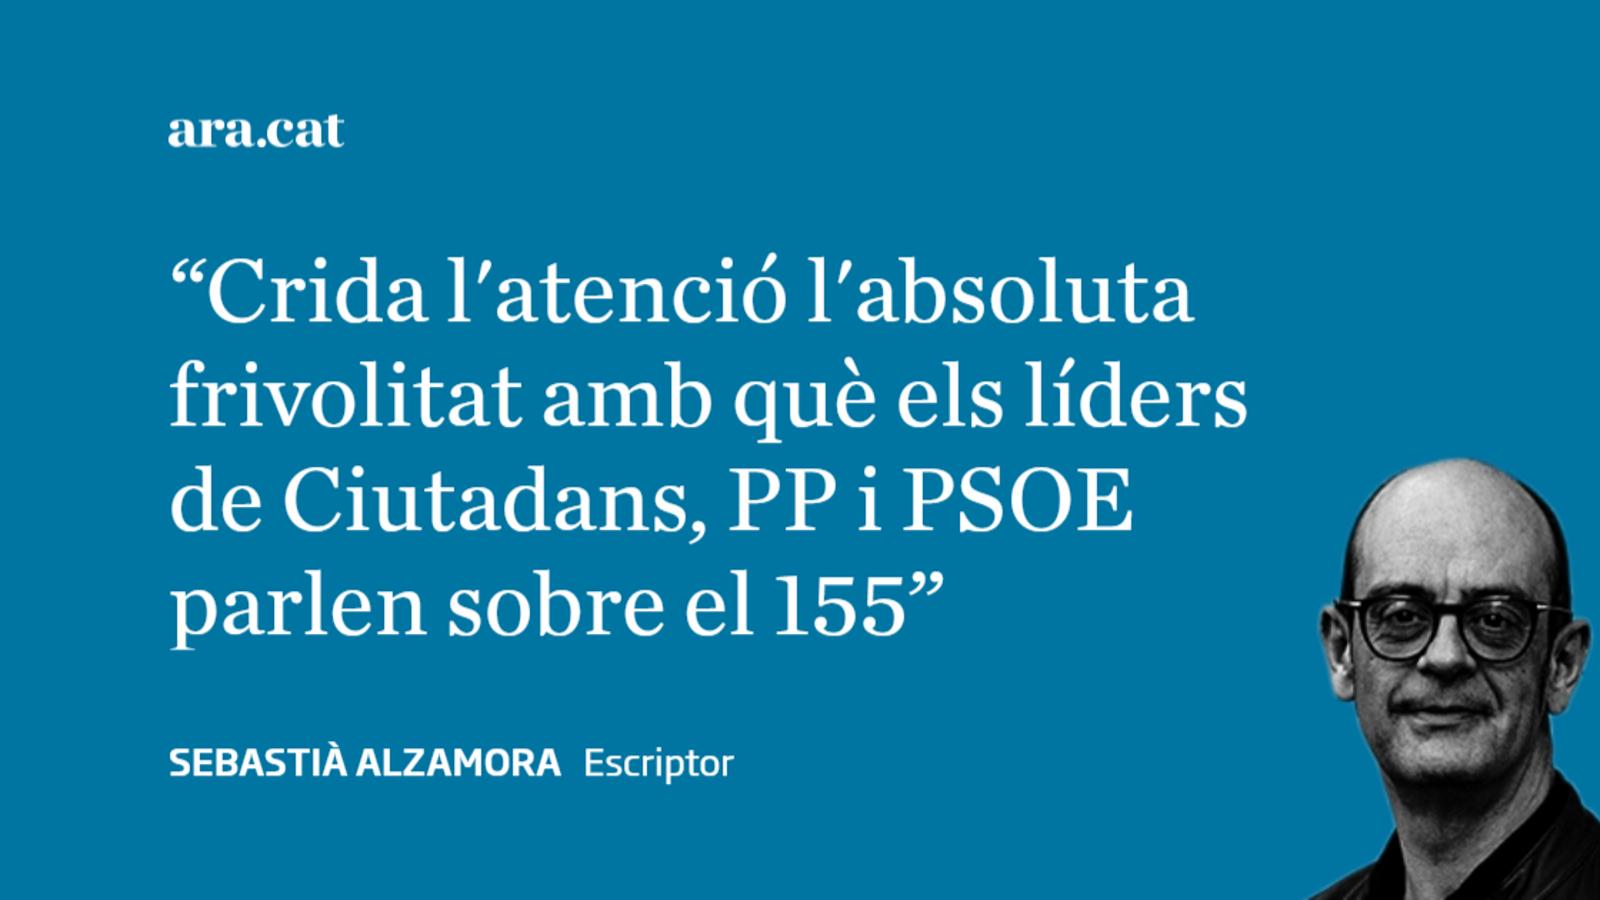 PSOE, Cs i el 155